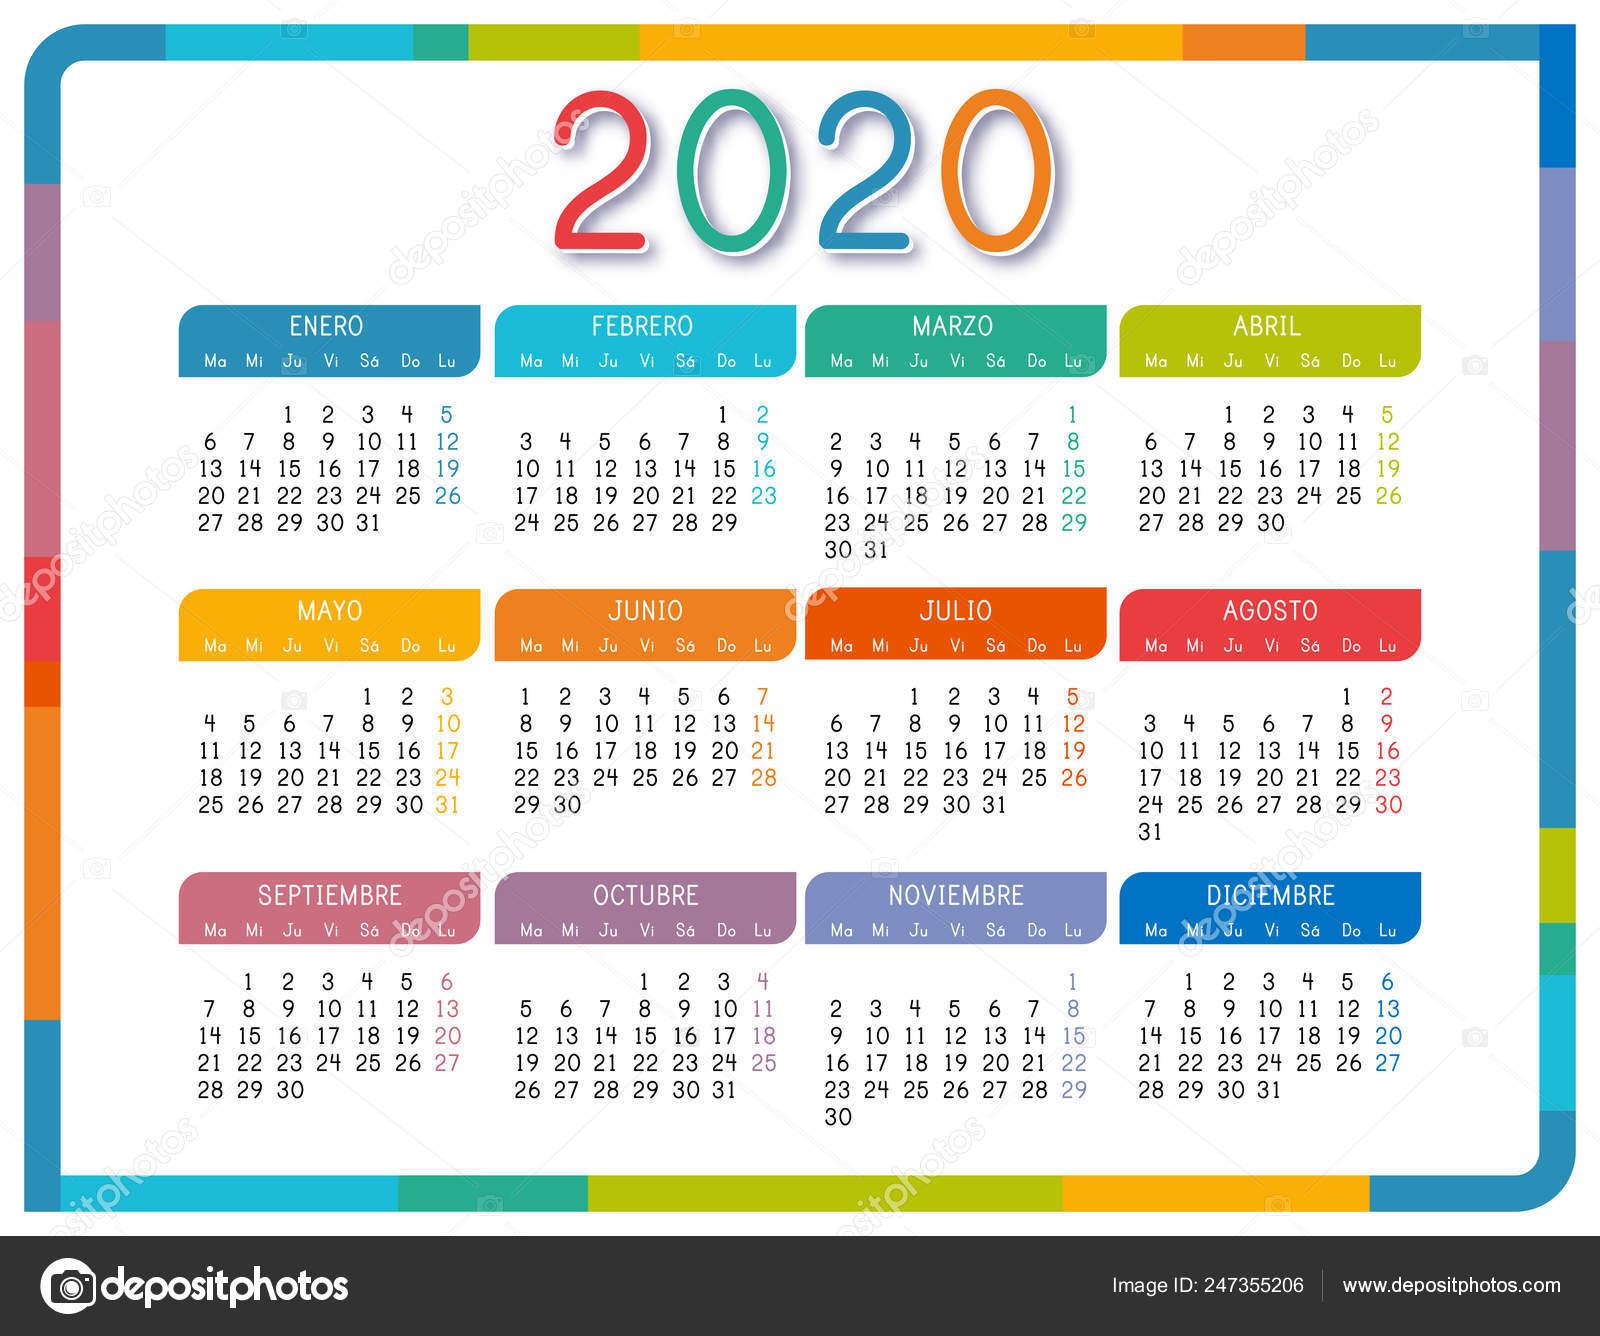 Calendario Agosto 2020 Argentina.Calendario 2020 Espanol Sobre Fondo Blanco Colorido